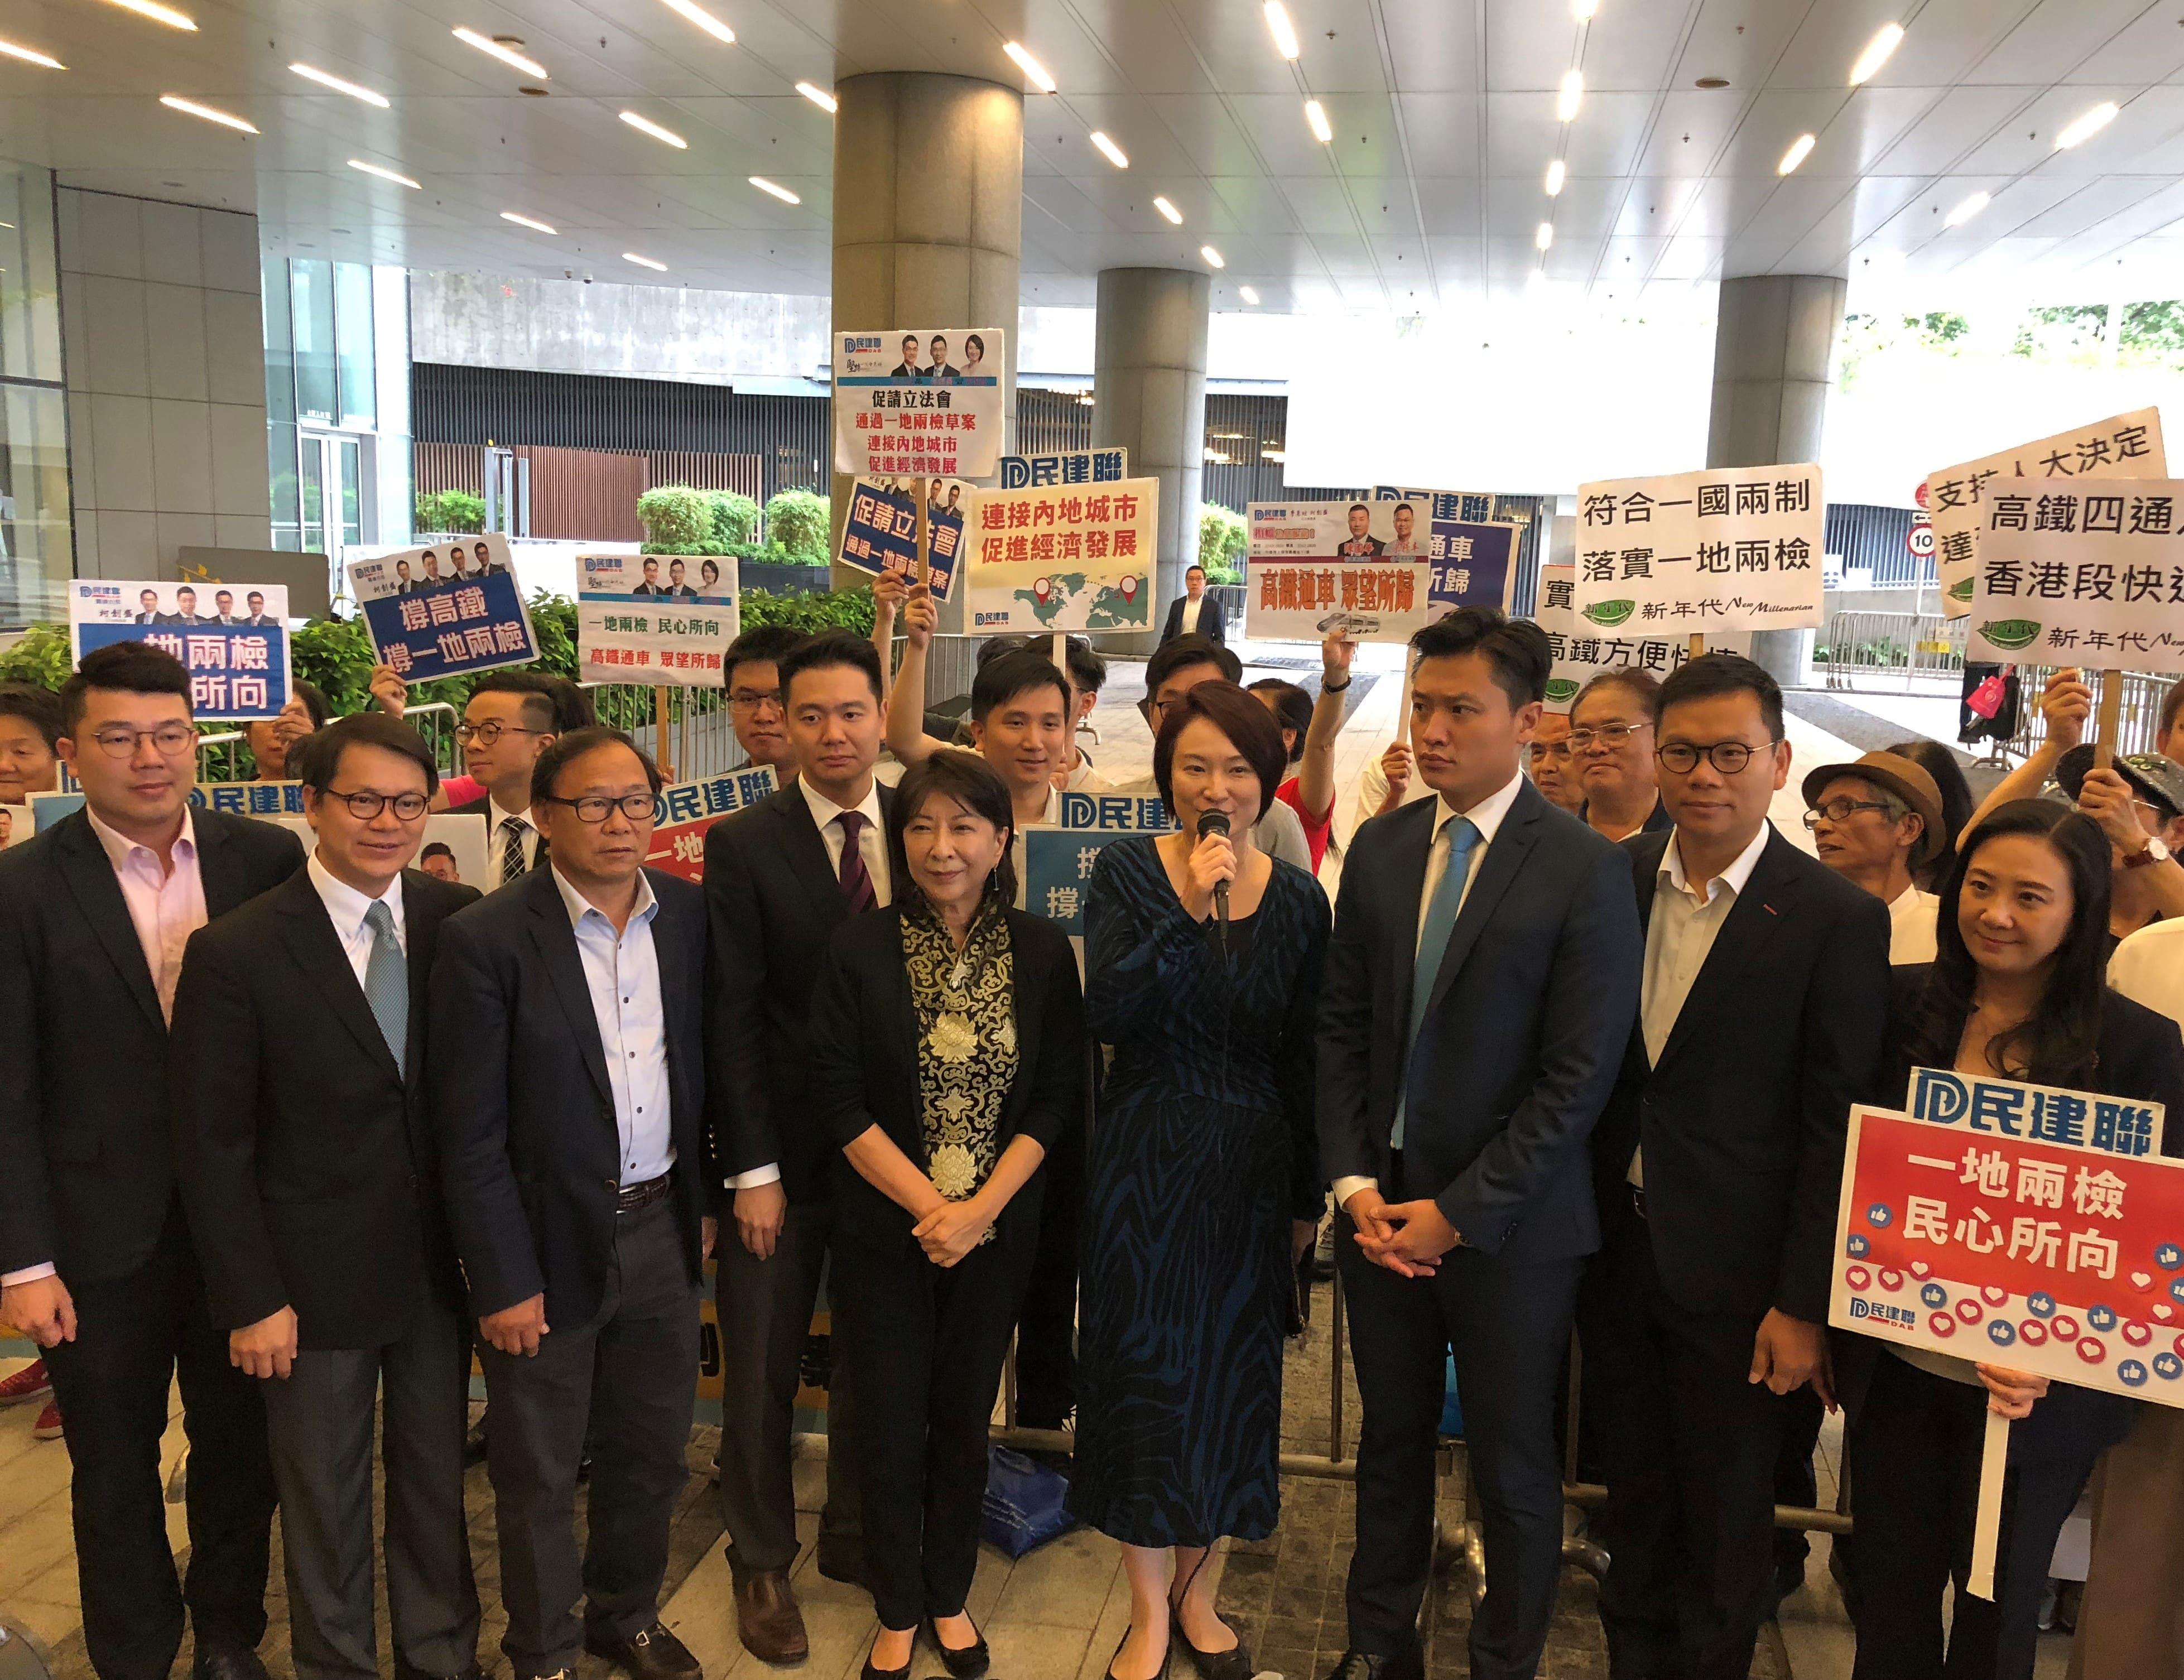 民建联促请立法会通过《广深港高铁(一地两检)条例草案》